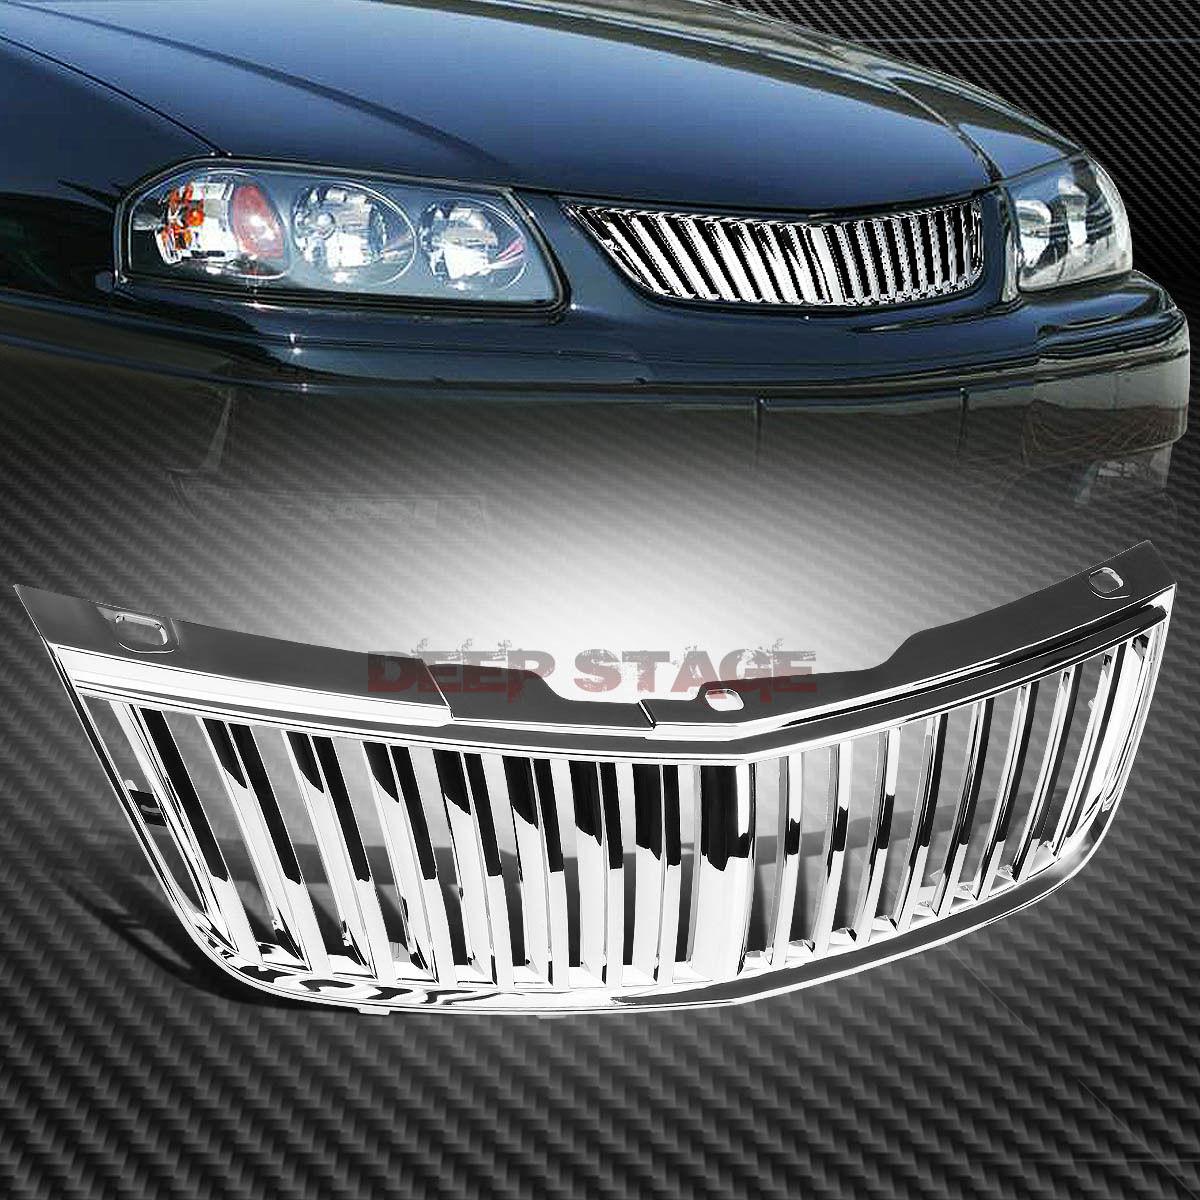 グリル クレームABS枠バンパー上部グリルガード00-05 IMPALA 3.4 / 3.8 V6 CHROME ABS FRAME BUMPER UPPER VERTICAL GRILL GUARD FOR 00-05 IMPALA 3.4/3.8 V6